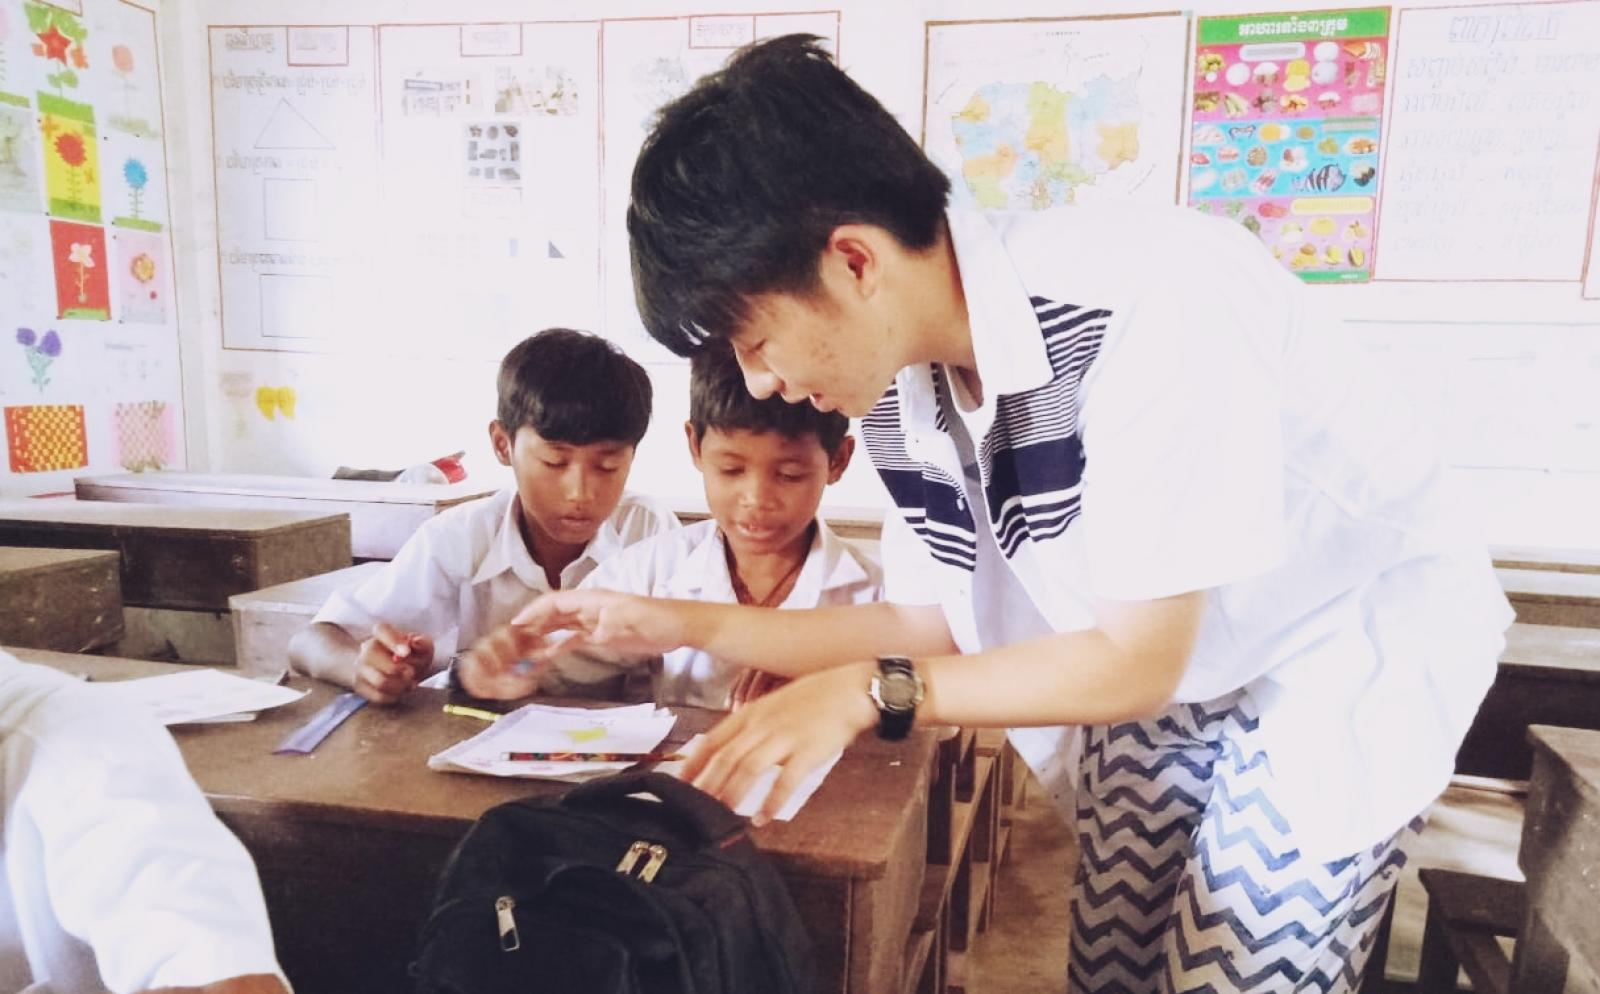 カンボジアの子供たちへの基礎教育をサポートする高校生ボランティア秋葉秀尚さん